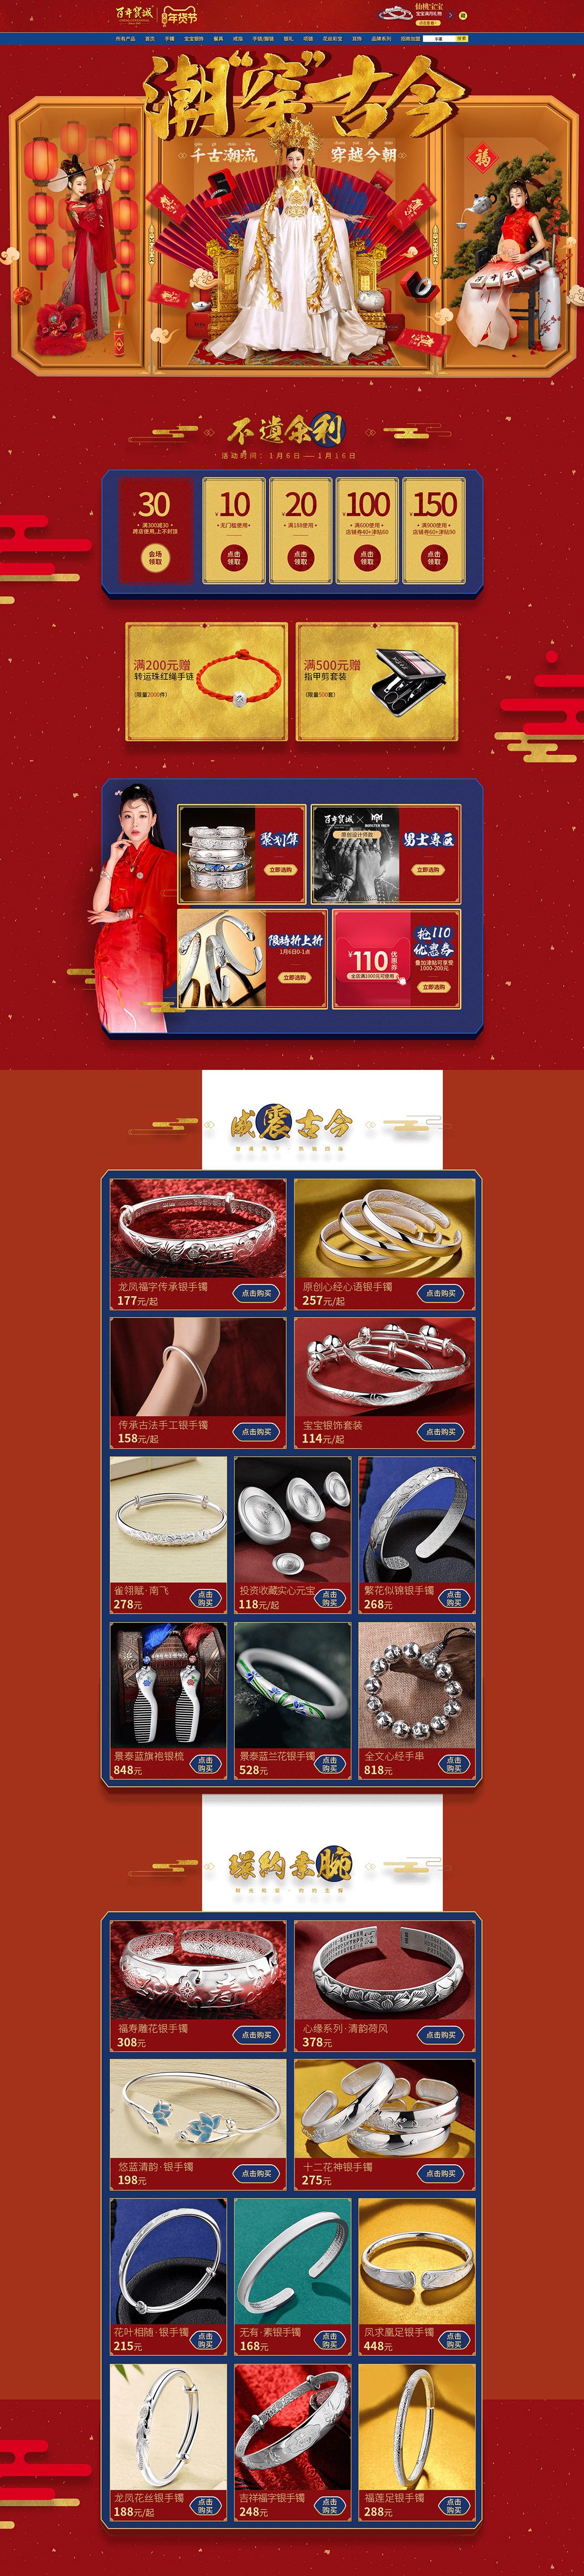 百年宝诚 珠宝首饰 饰品 新年 年货节 天猫首页活动专题页面设计